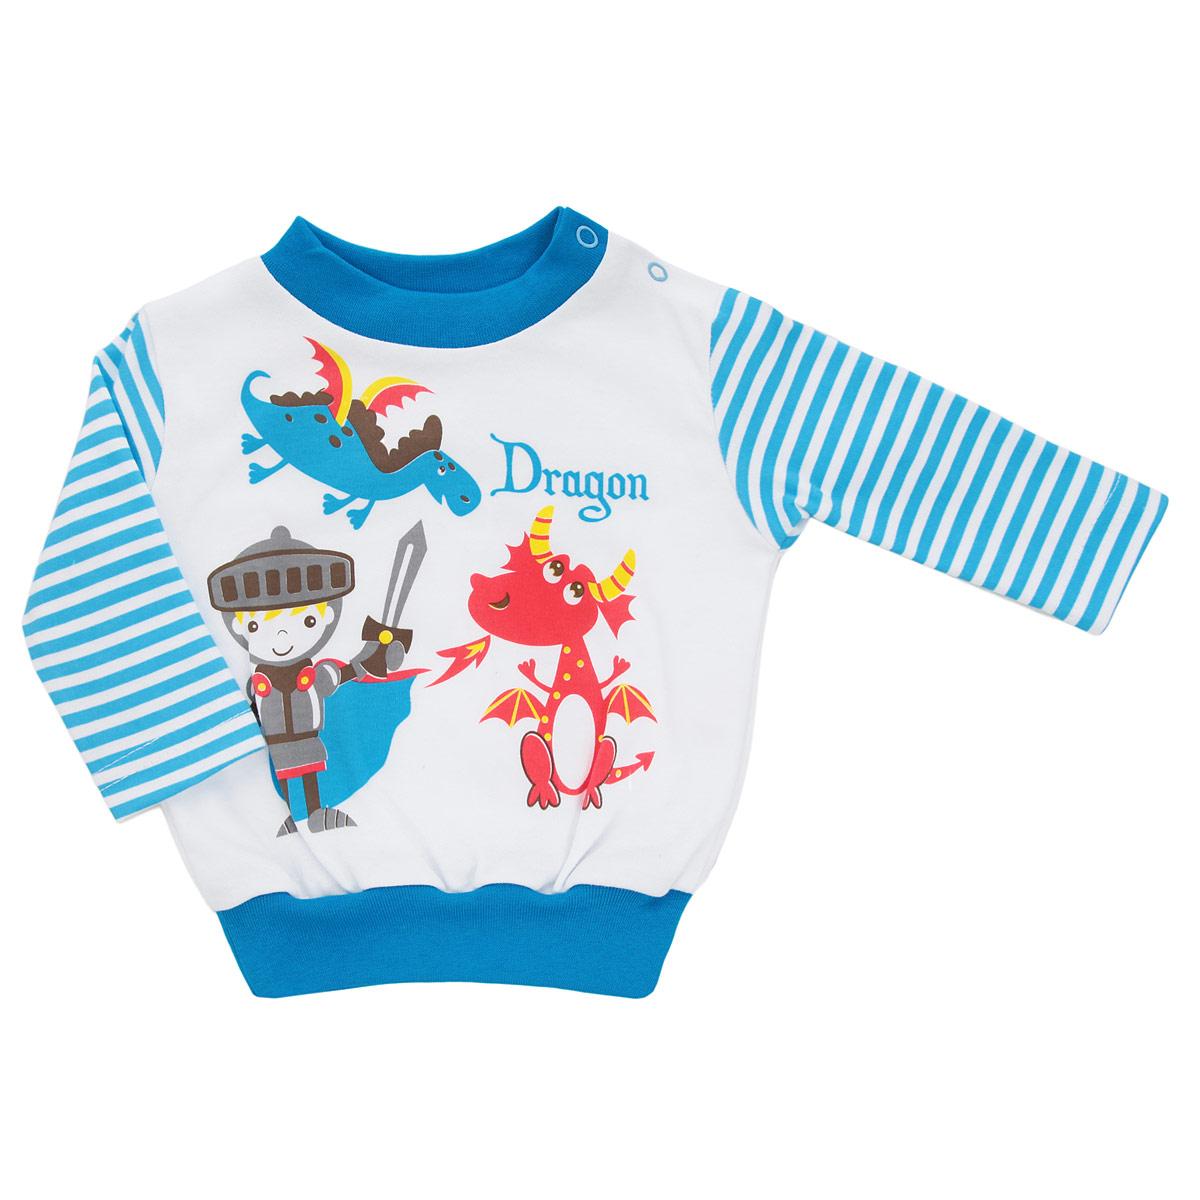 Кофточка для мальчика КотМарКот, цвет: белый, ярко-голубой. 3742. Размер 623742Кофточка для новорожденного мальчика КотМарКот послужит идеальным дополнением к гардеробу вашего малыша, обеспечивая ему наибольший комфорт. Кофточка с длинными рукавами и круглым вырезом горловины изготовлена из натурального хлопка - интерлока, благодаря чему она необычайно мягкая и легкая, не раздражает нежную кожу ребенка и хорошо вентилируется, а эластичные швы приятны телу младенца и не препятствуют его движениям. Удобные застежки-кнопки по плечу помогают легко переодеть младенца. Понизу проходит широкая трикотажная резинка. Вырез горловины дополнен трикотажной эластичной резинкой. Спереди модель оформлена оригинальным ненавязчивым принтом с изображением рыцаря и драконов. Рукава оформлены принтом в полоску. Кофточка полностью соответствует особенностям жизни ребенка в ранний период, не стесняя и не ограничивая его в движениях. В ней ваш малыш всегда будет в центре внимания.